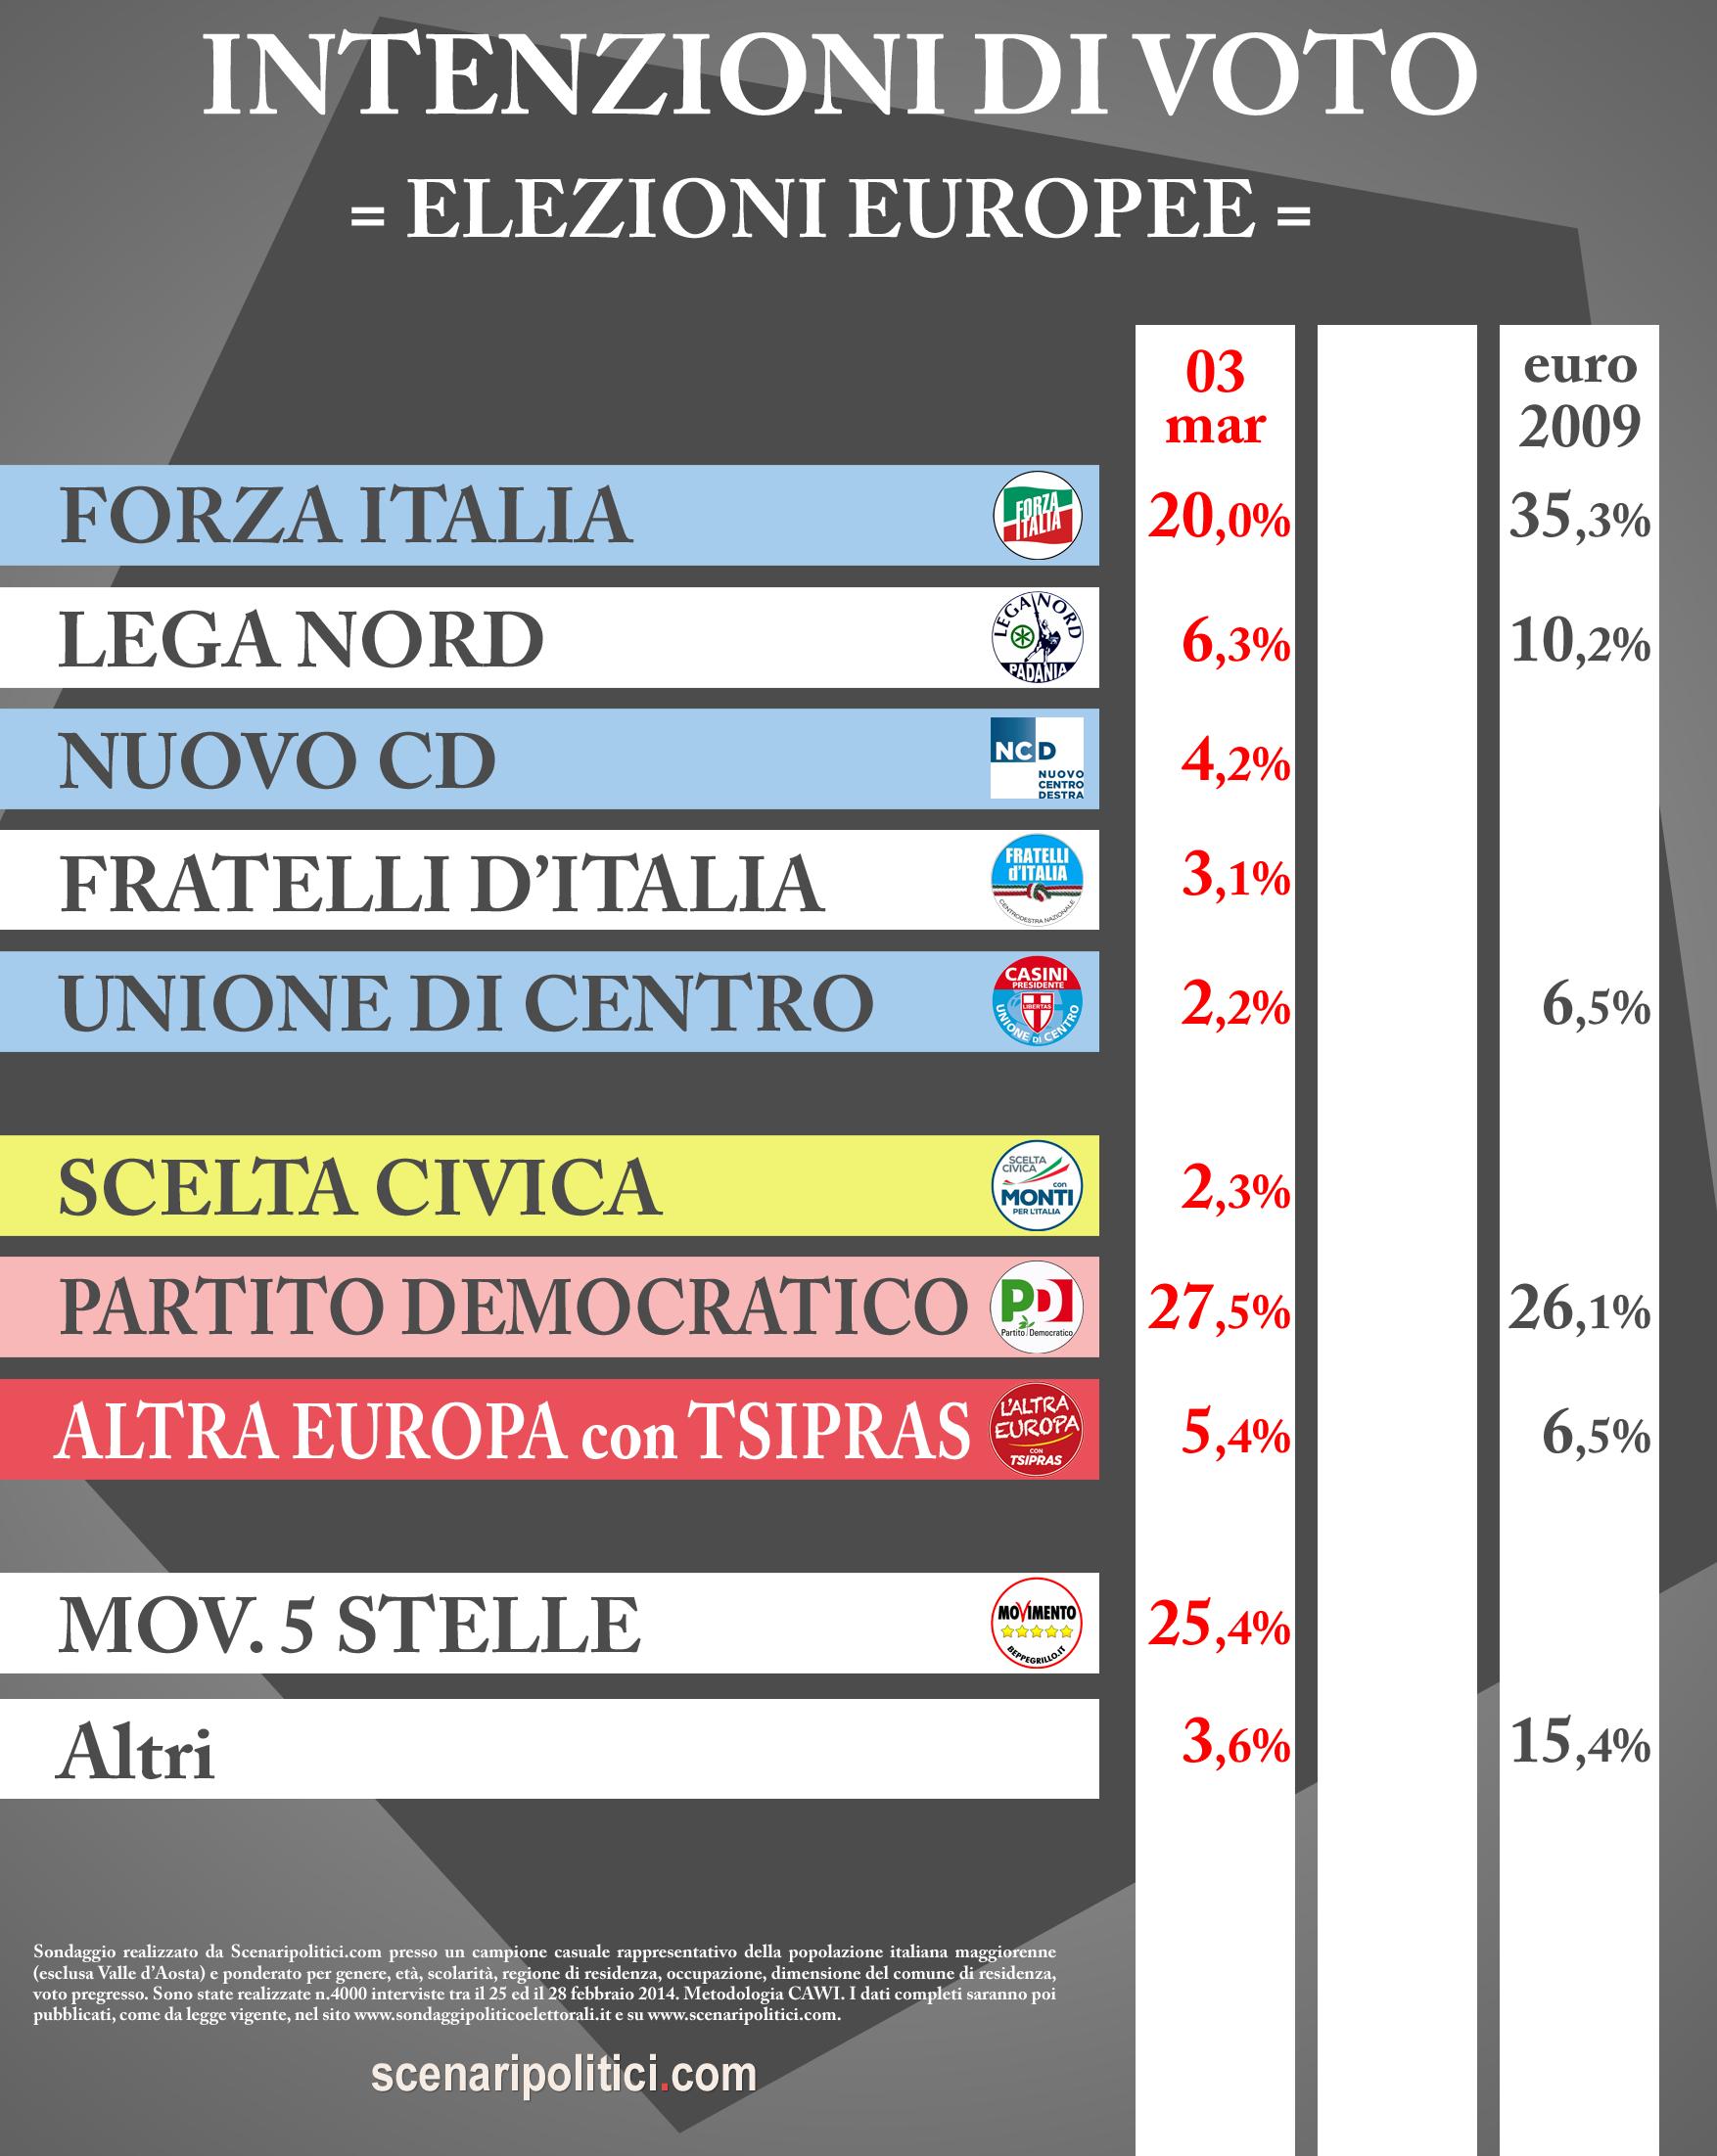 int-voto-eur